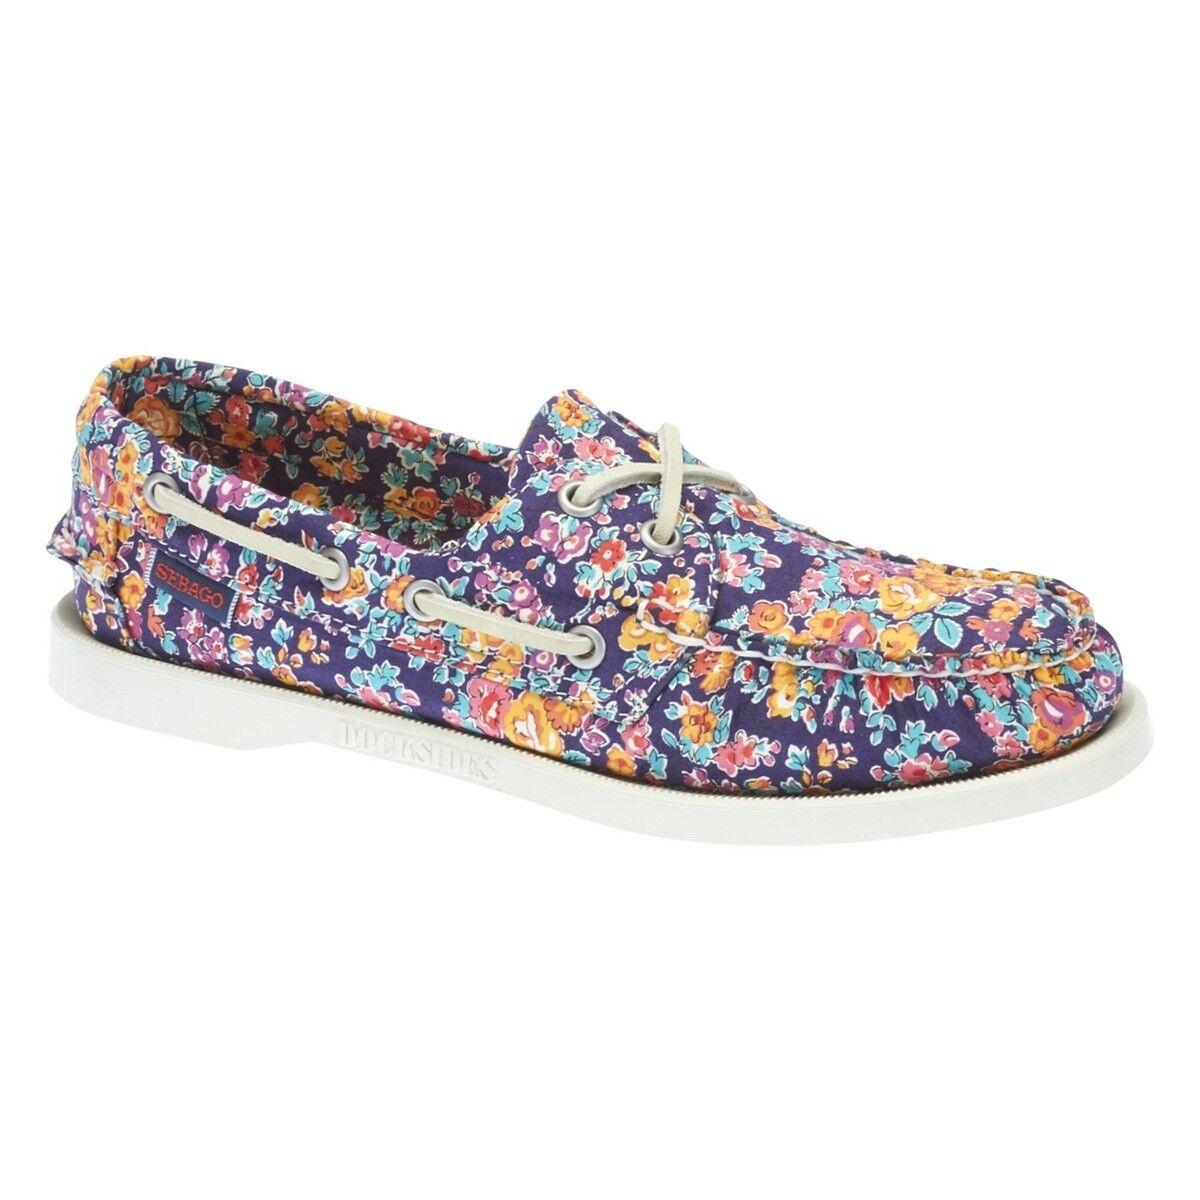 Sebago Docksides Ladies Liberty Art Fabrics shoes UK 6 EU 39 LN22 34 SALEs